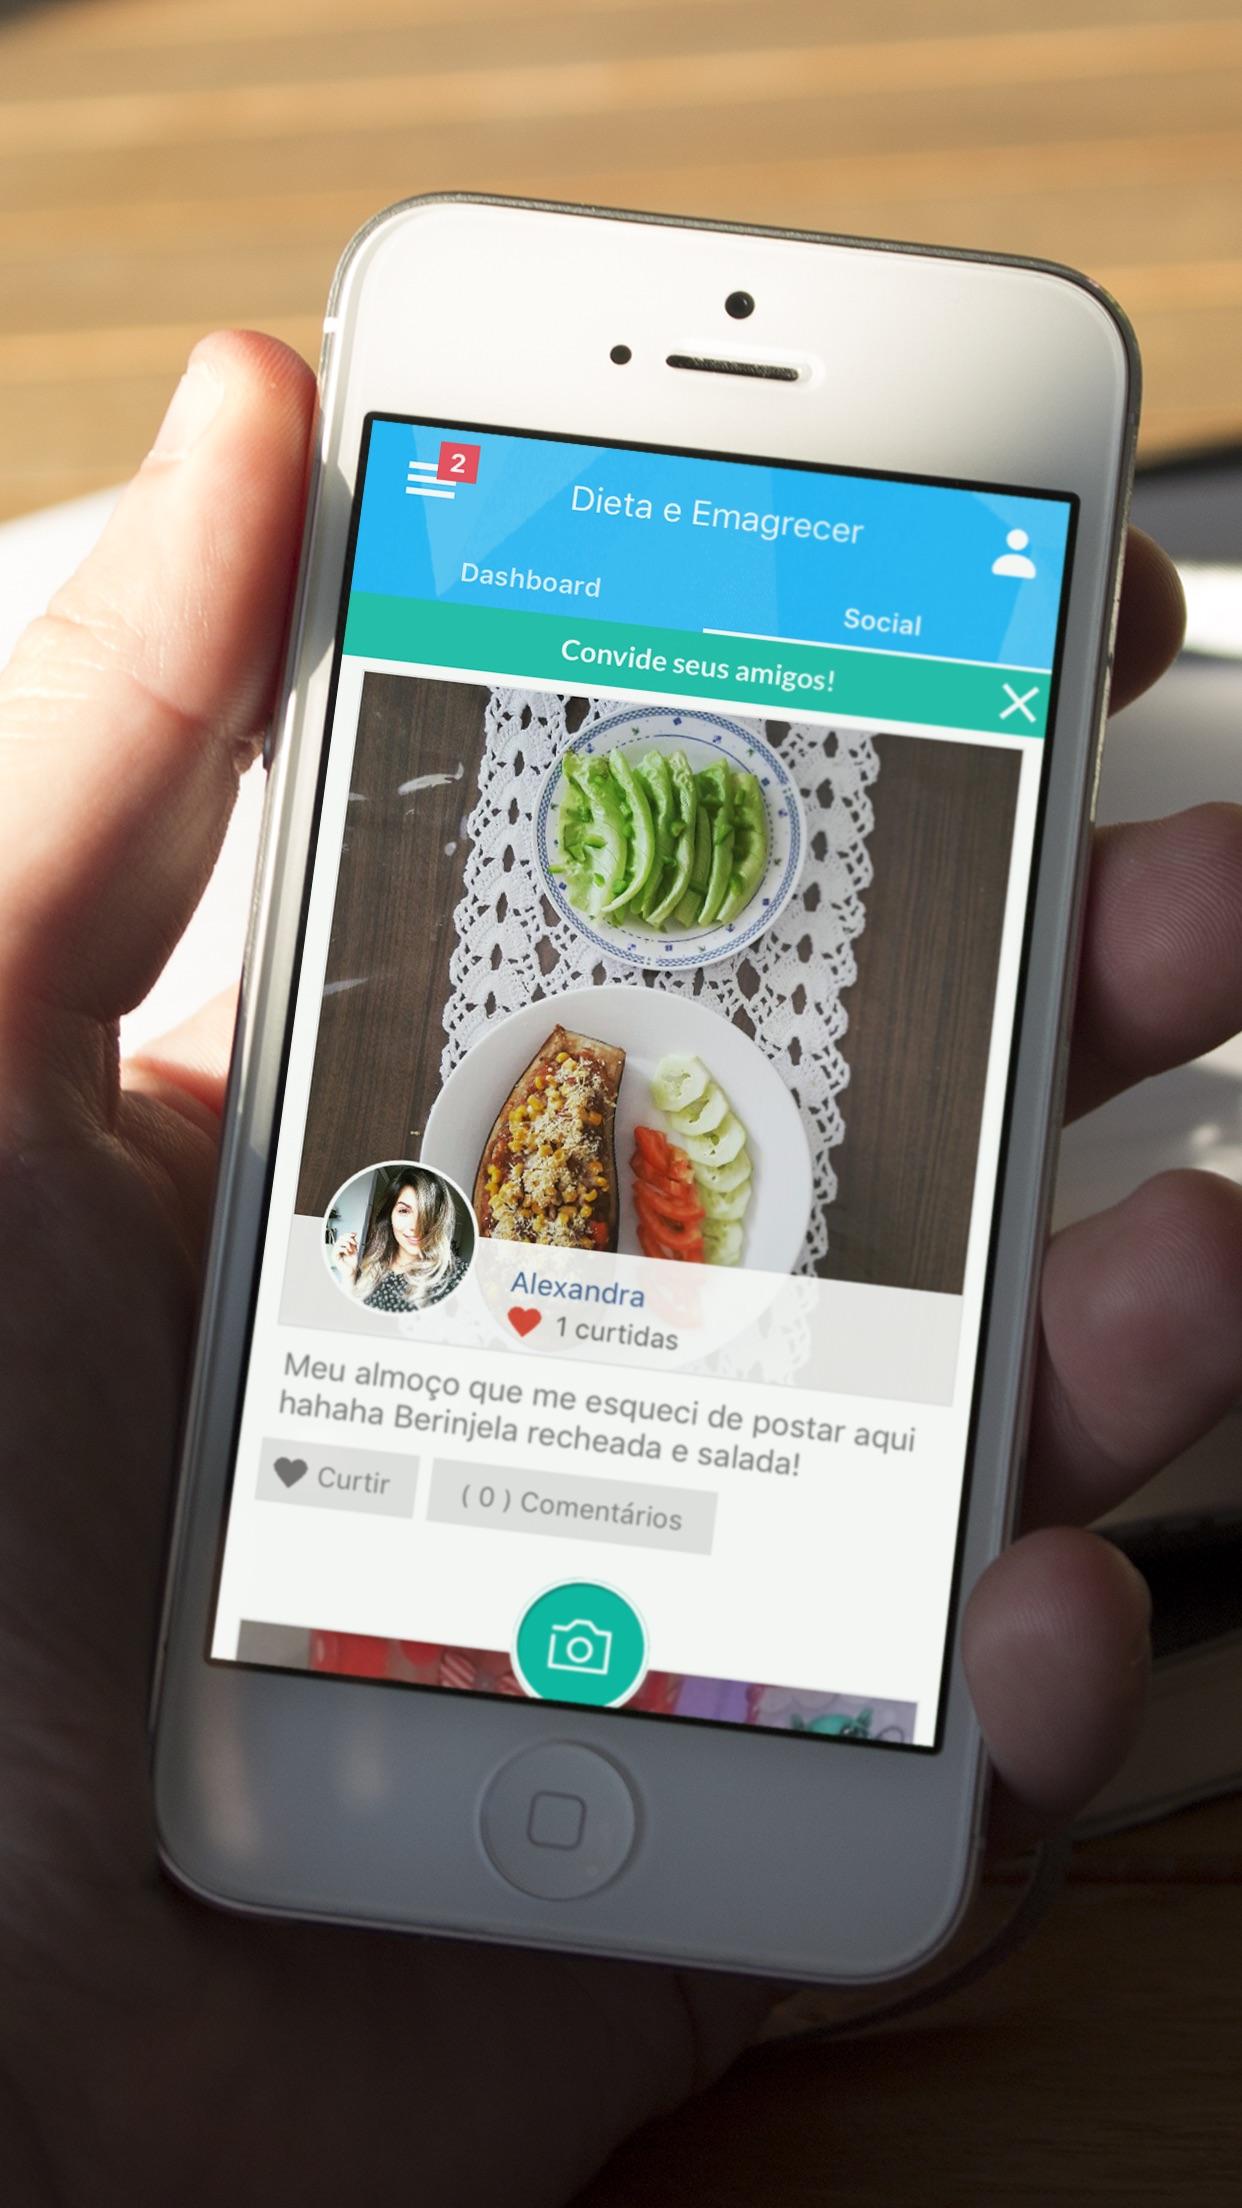 Dieta e Emagrecer Screenshot